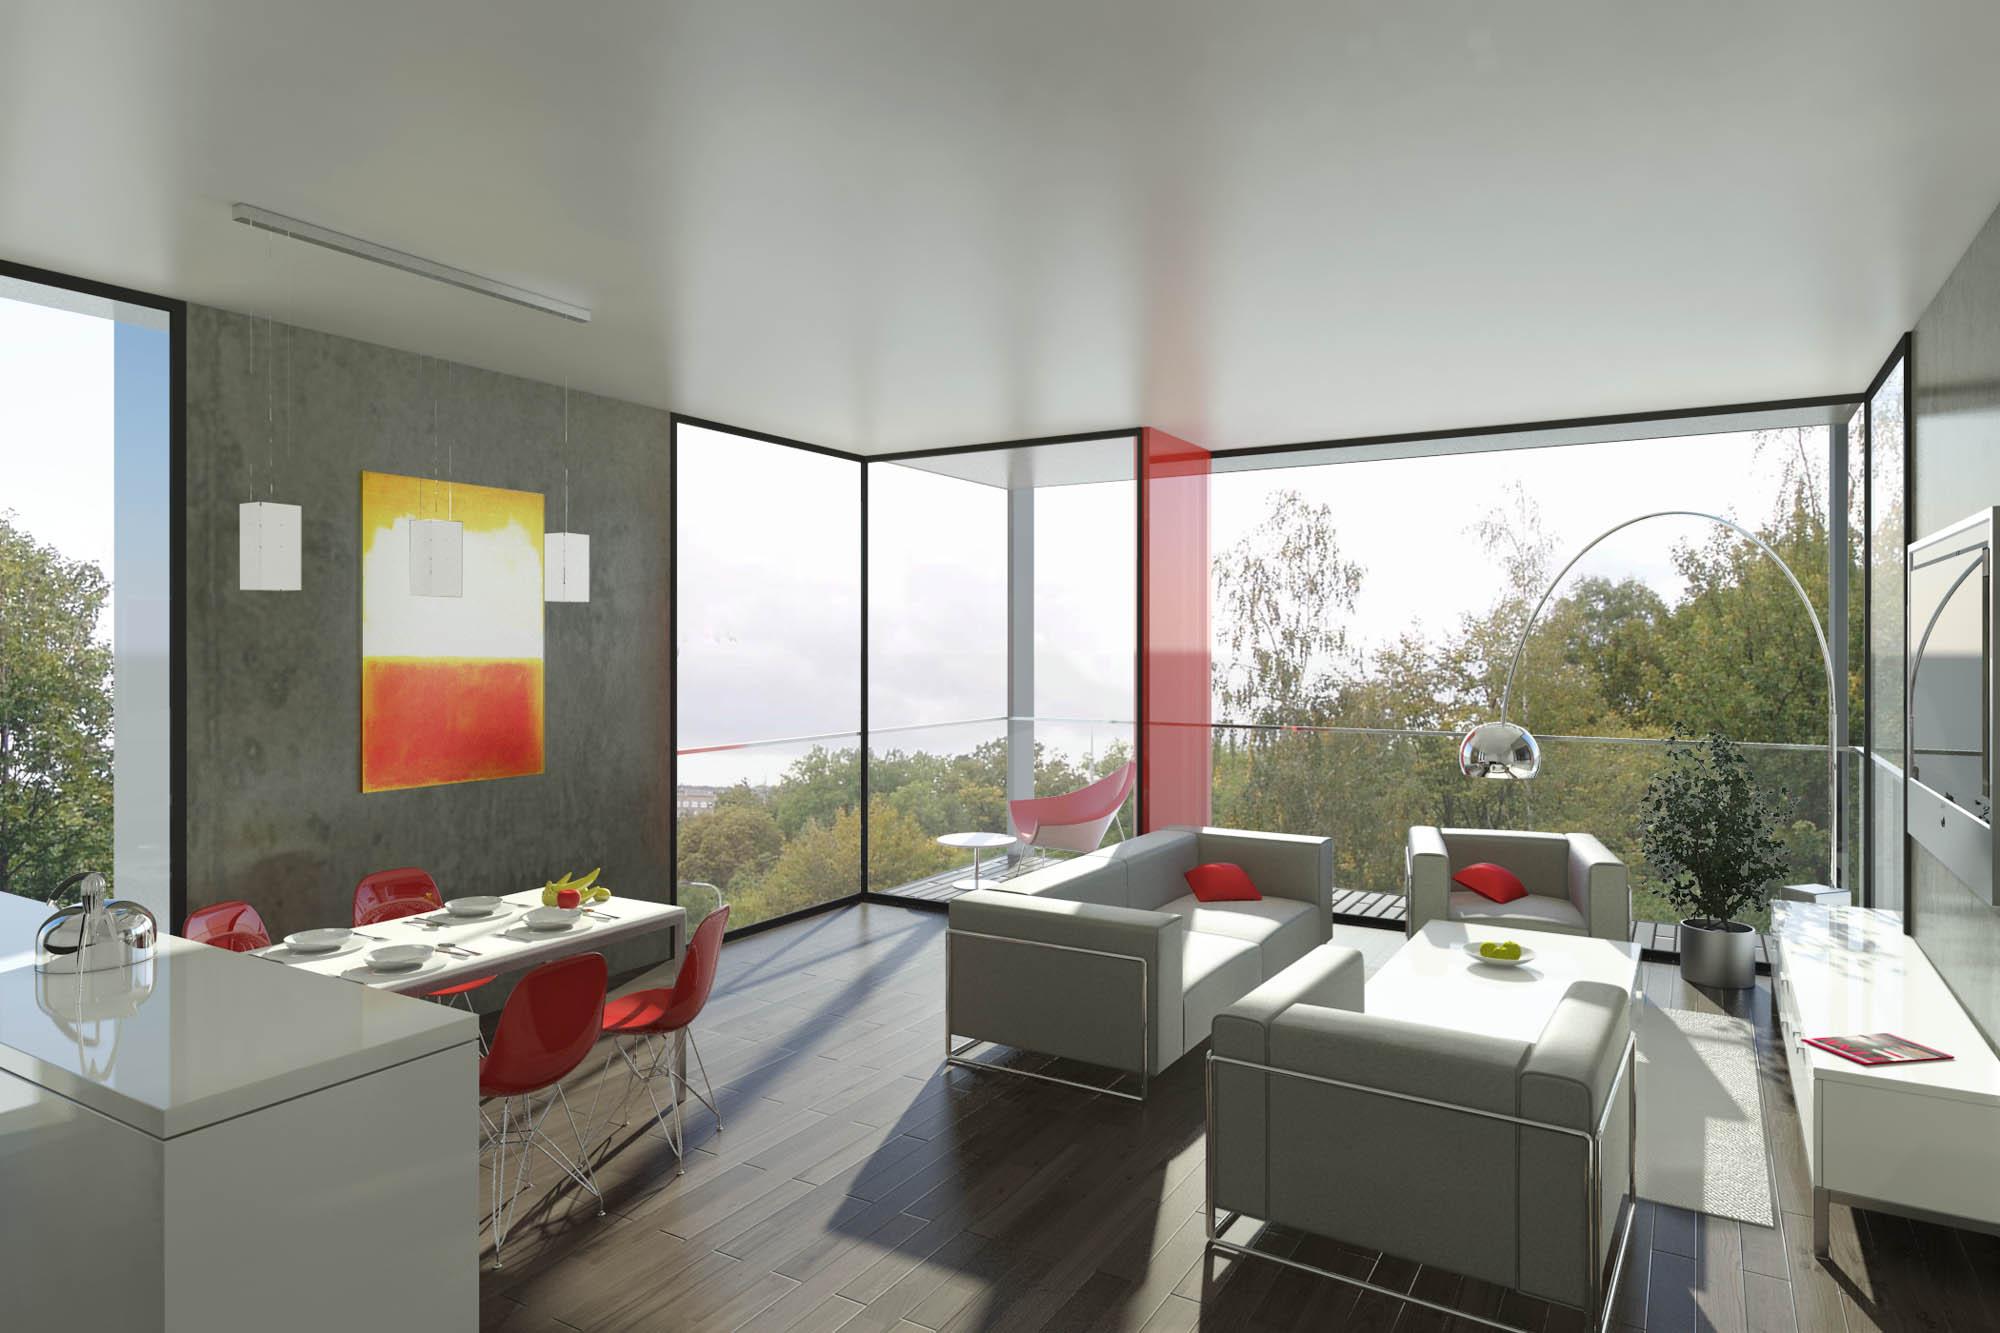 Klamo-01-interior view.jpg